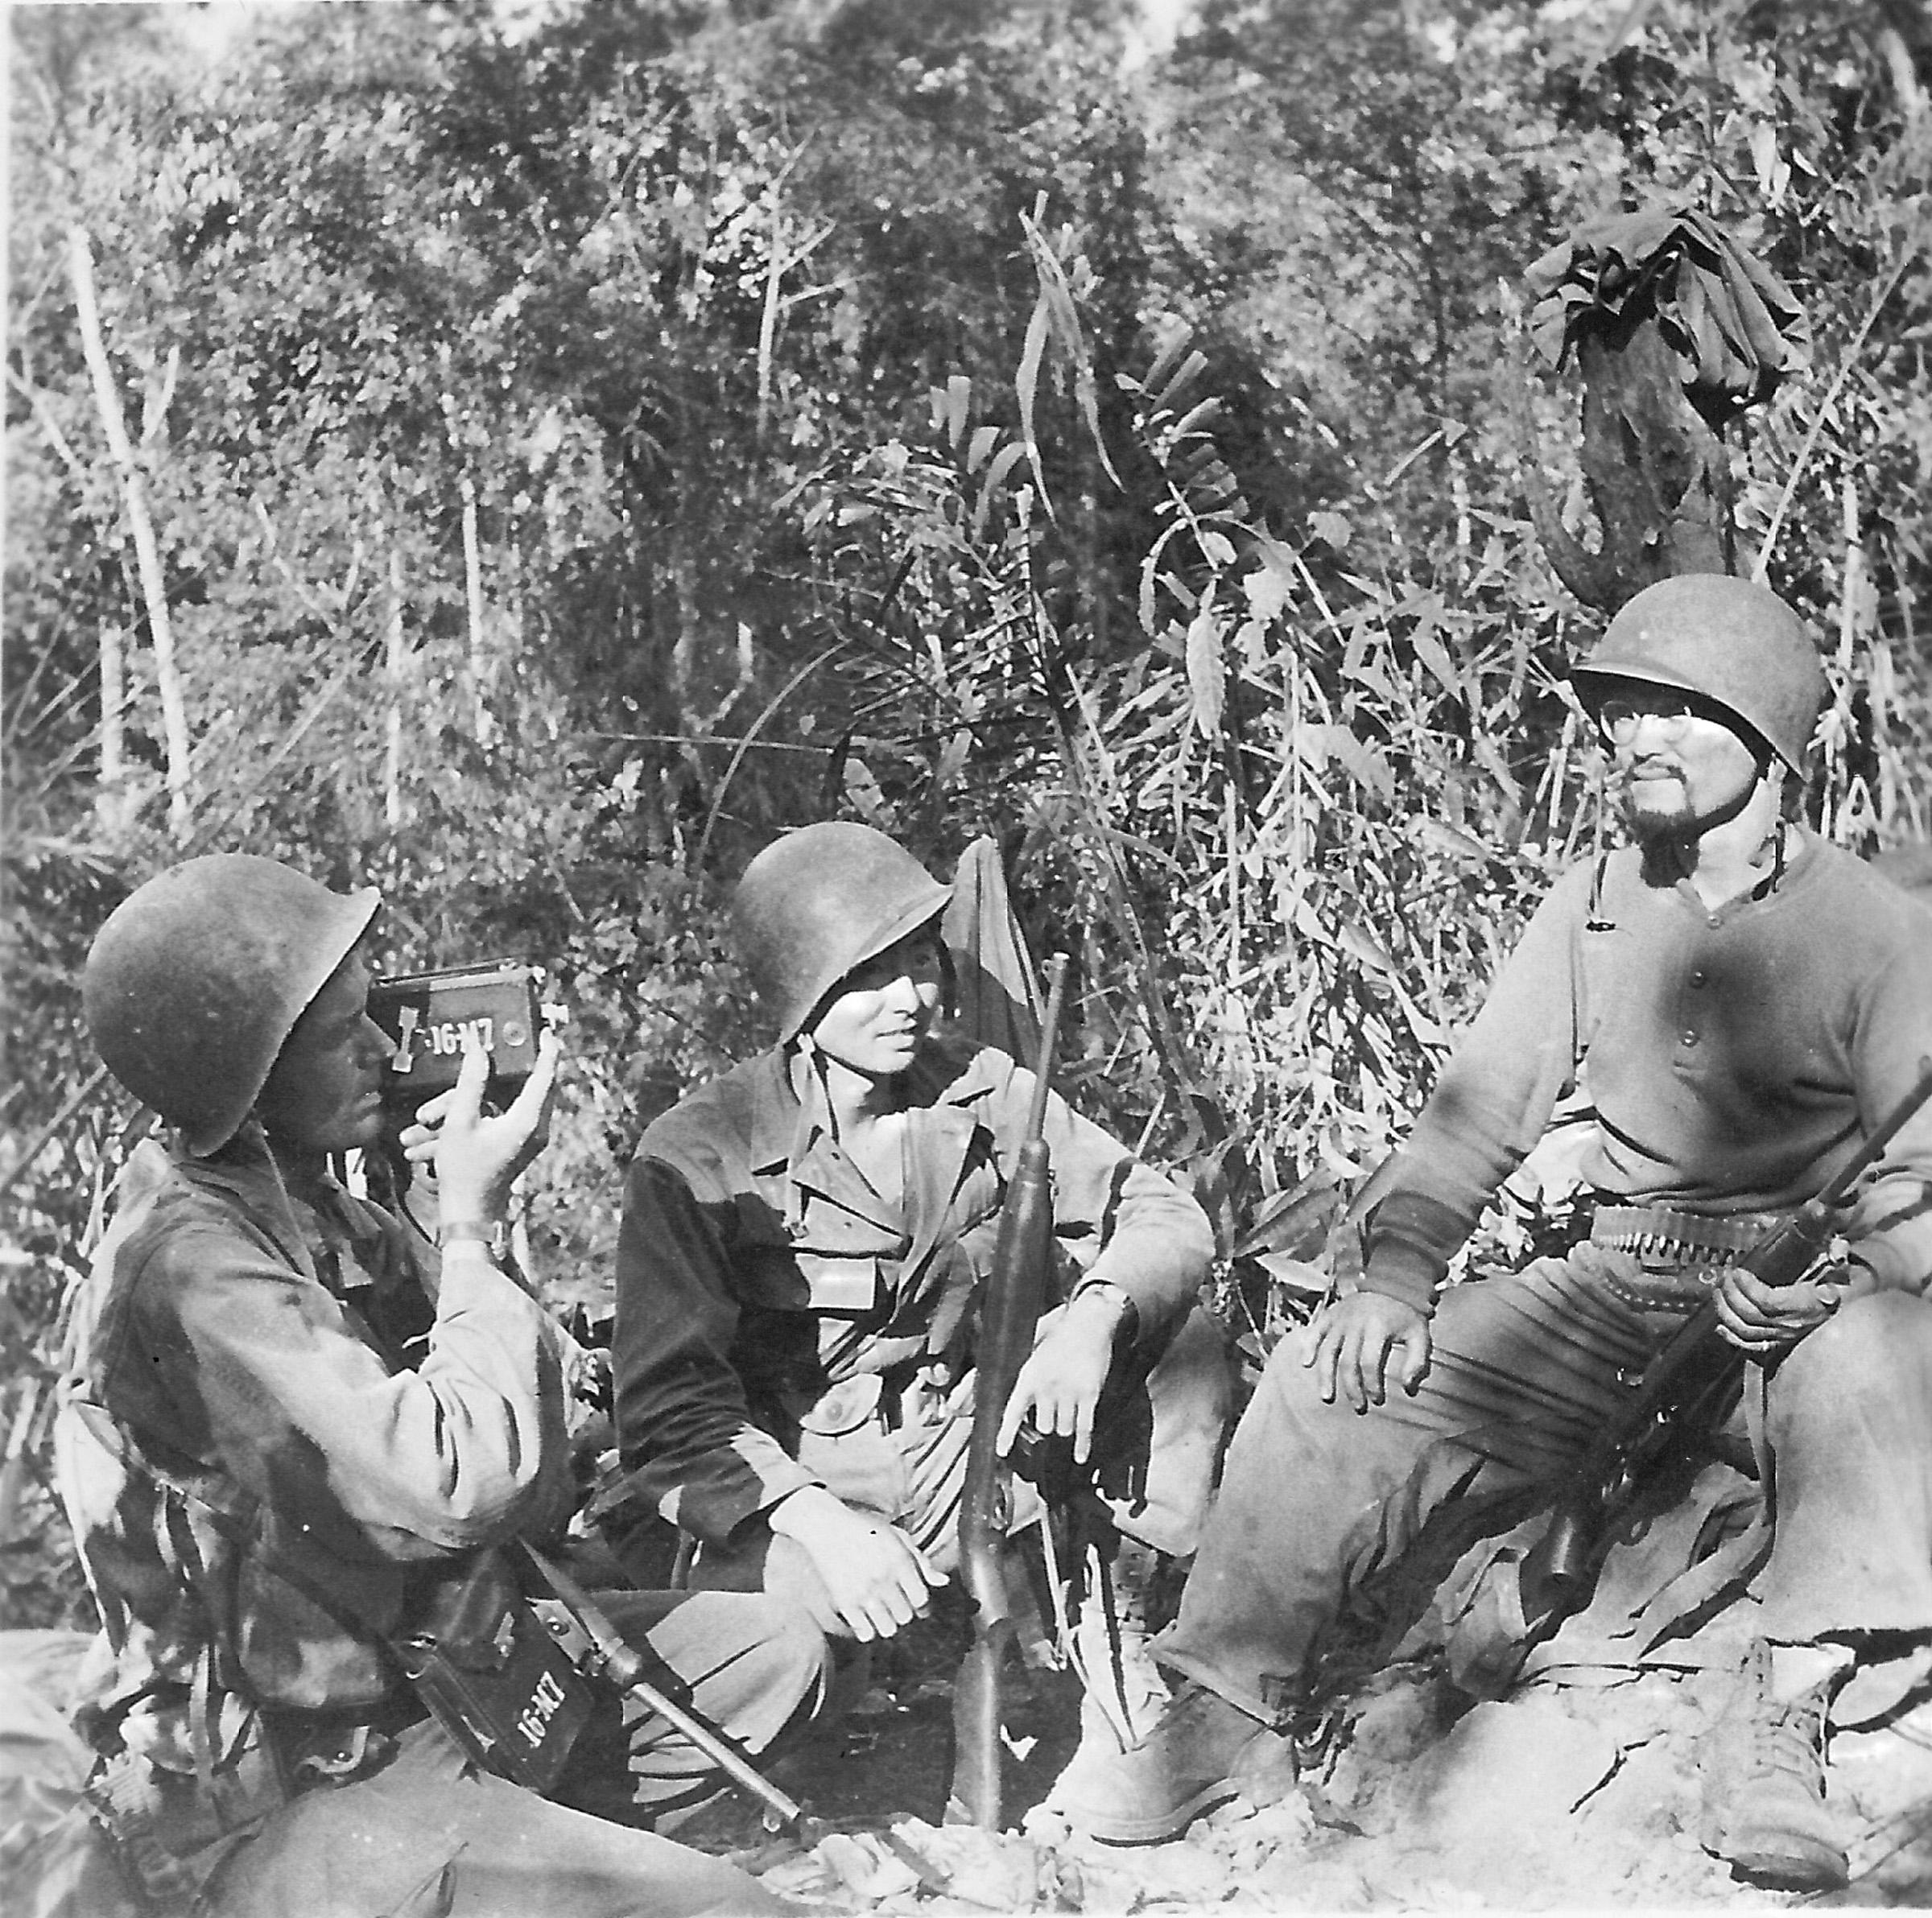 World War Ii Veteran Roy Matsumoto Turns 100 Celebrates